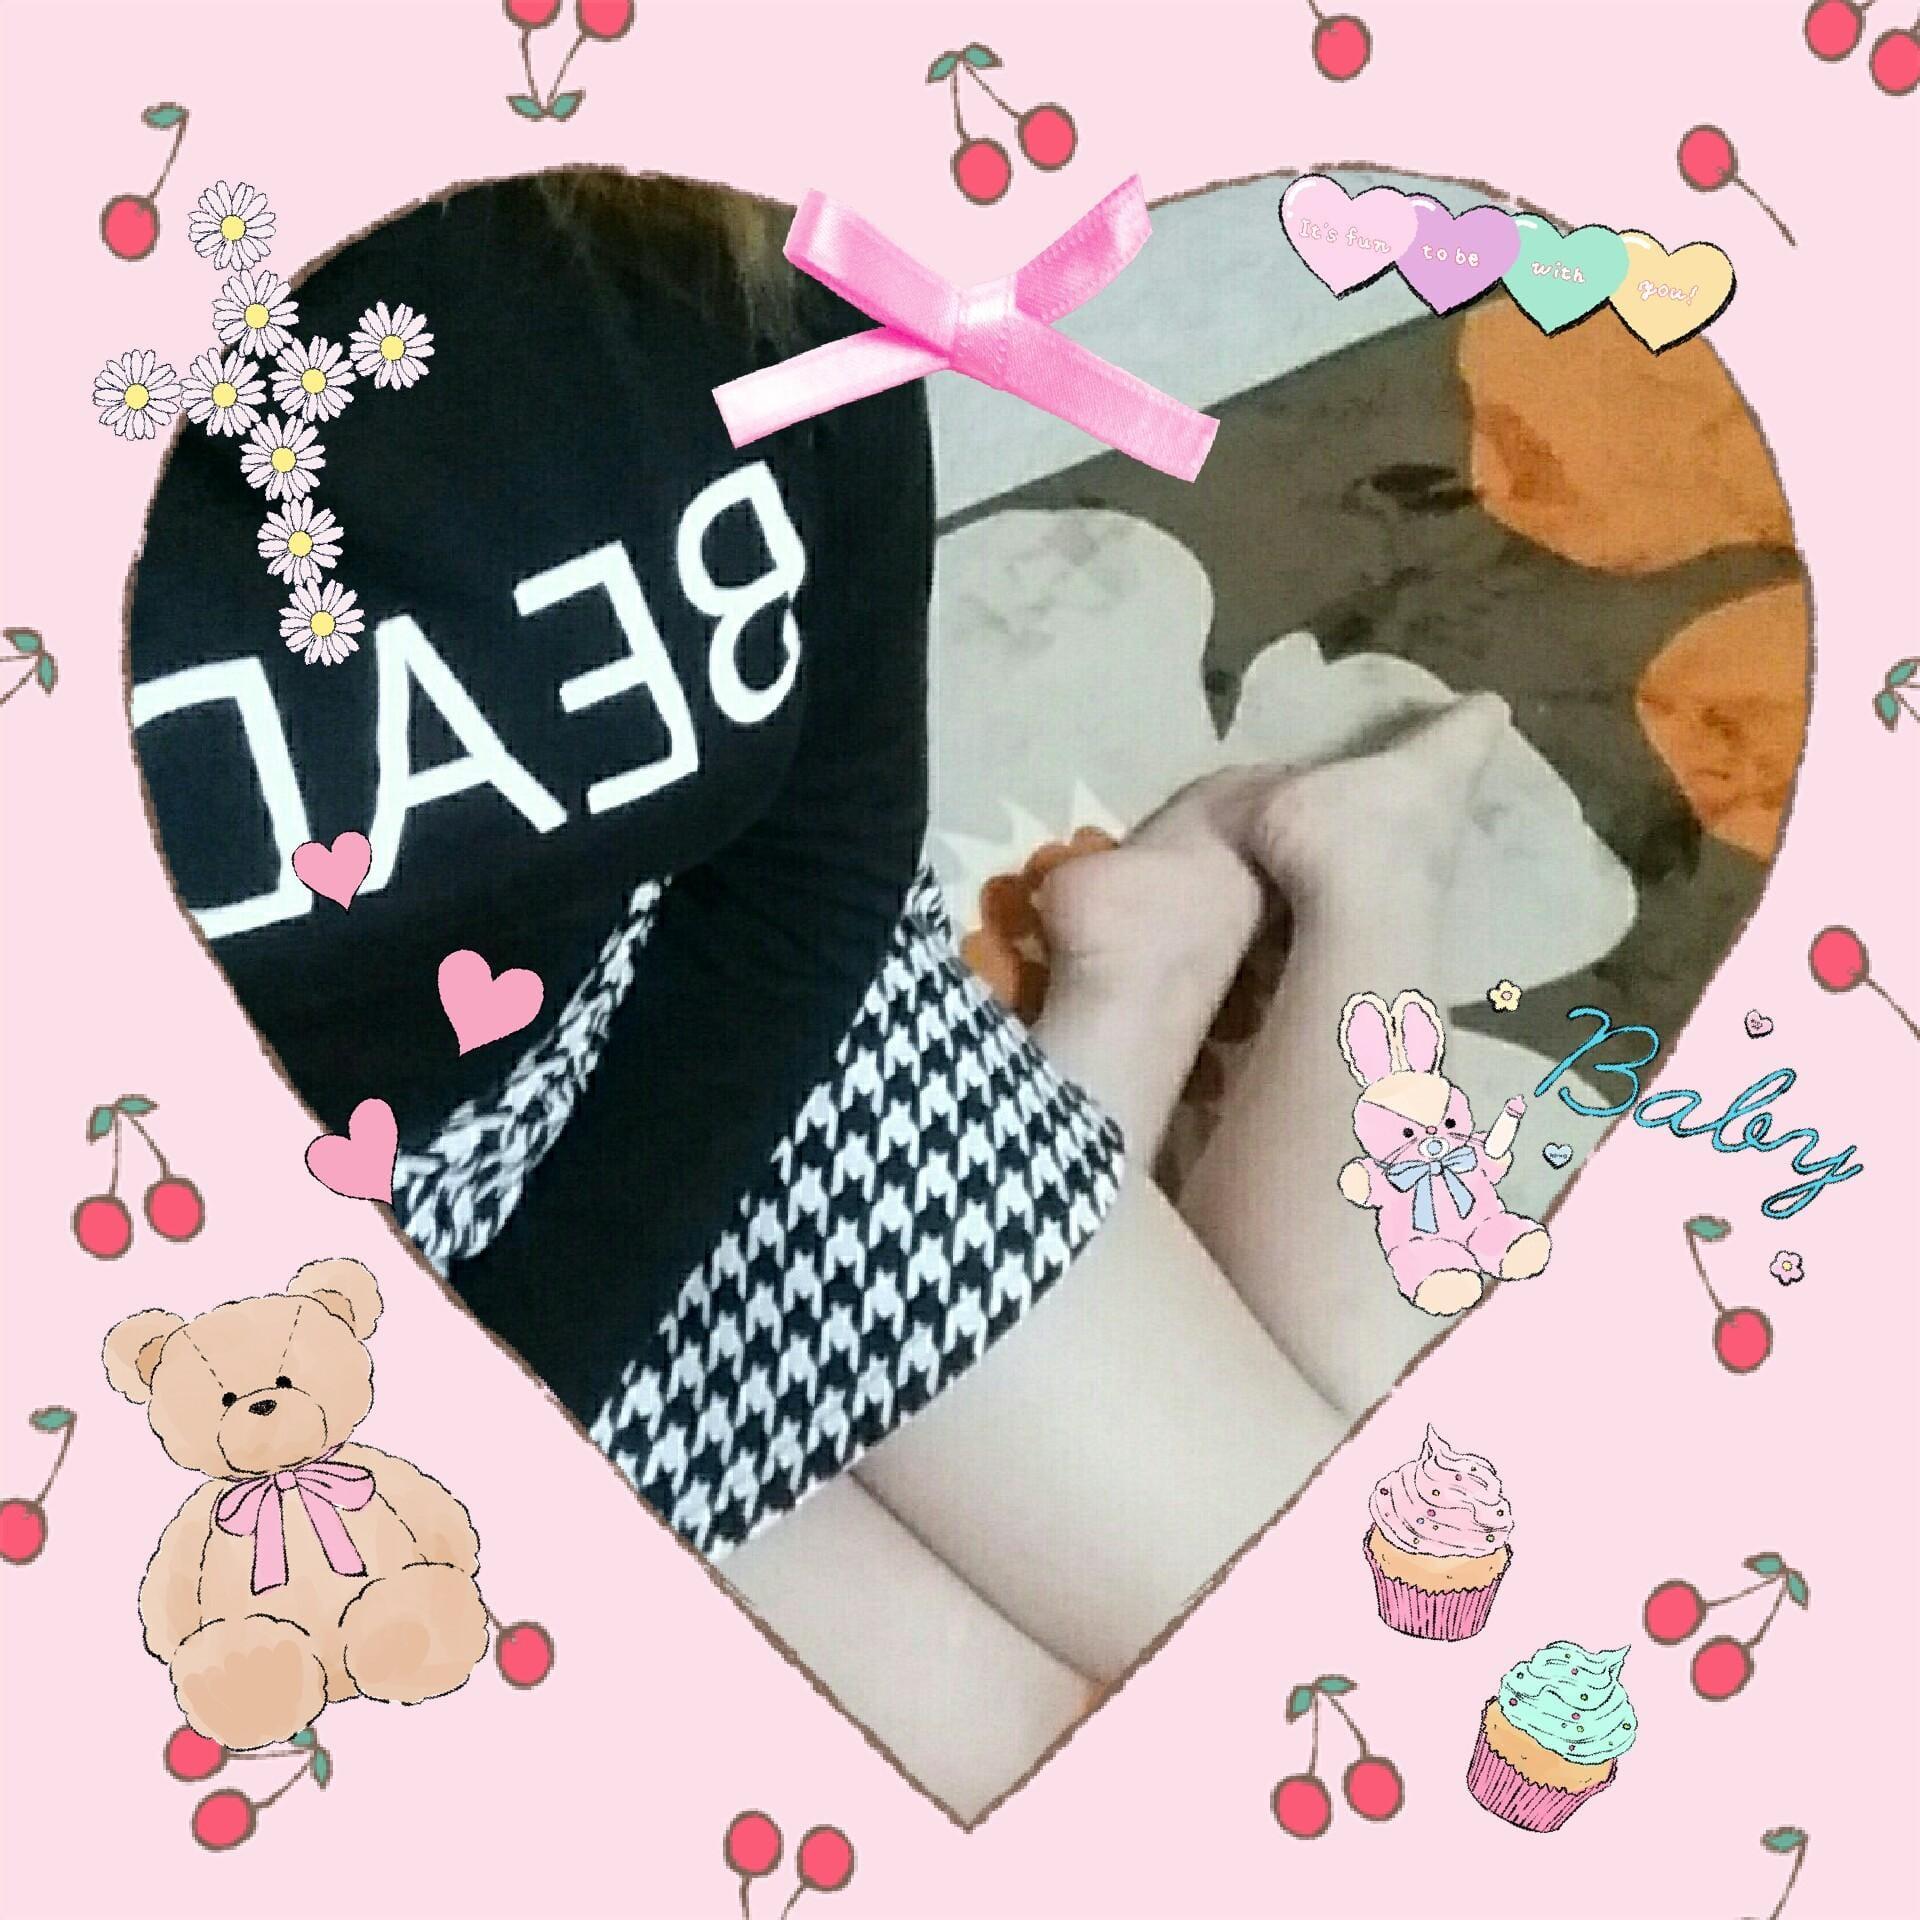 「おはようございます。(^_^)」01/19(土) 18:44 | ミセス☆おとねの写メ・風俗動画